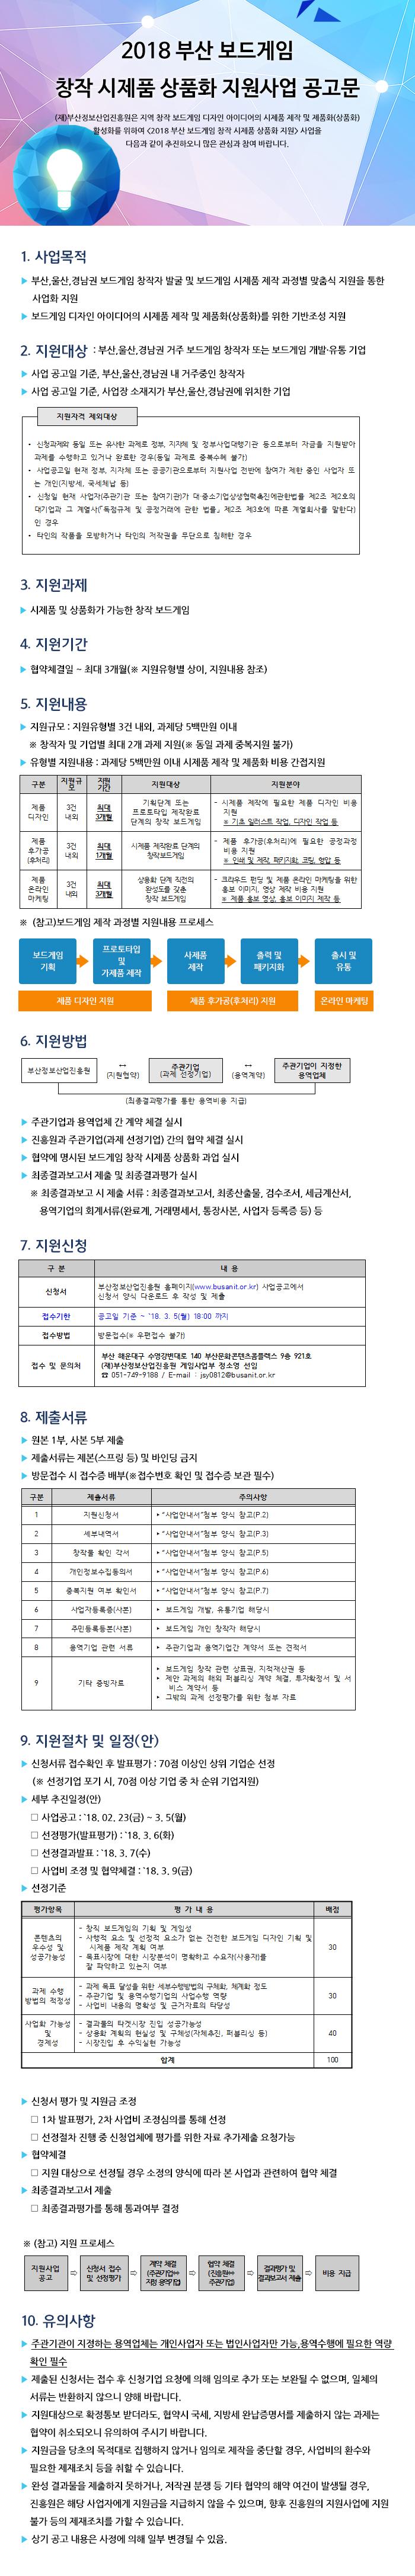 2018 부산 보드게임 창작 시제품 상품화 지원사업 공고